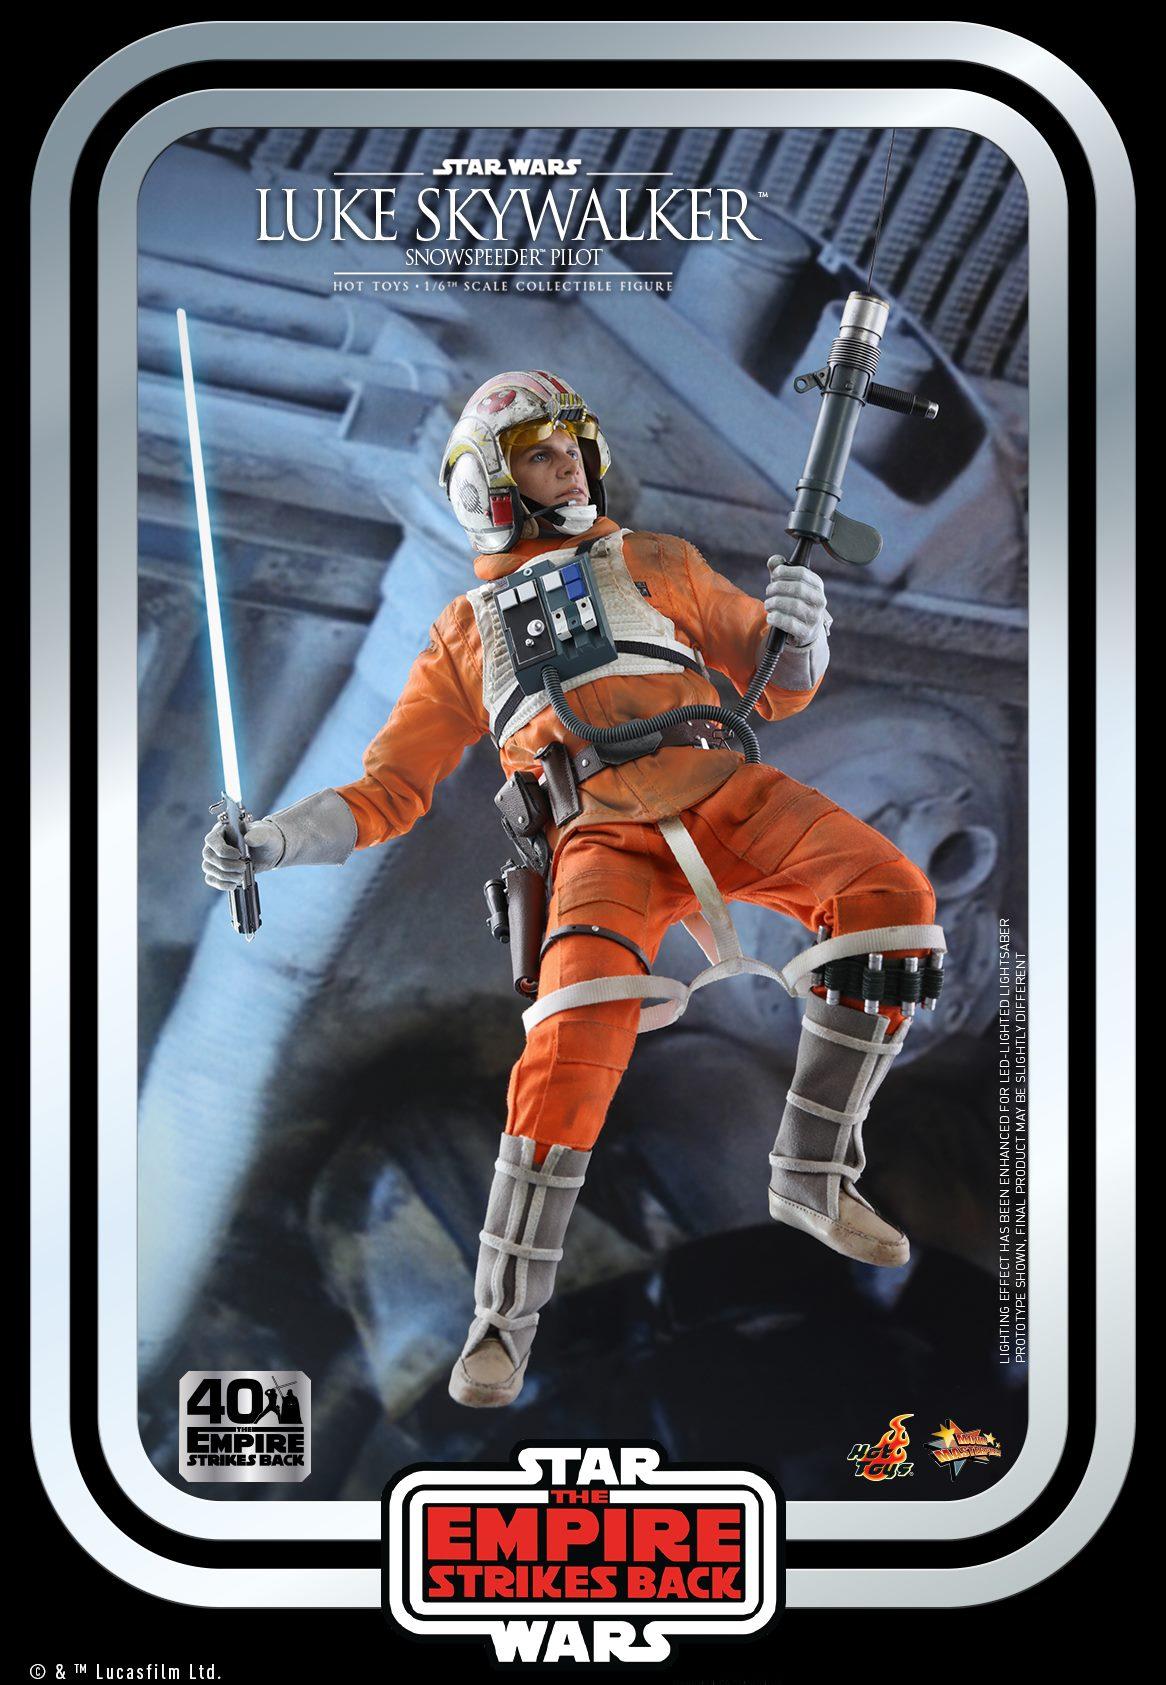 Hot Toys Luke Skywalker Snowtrooper